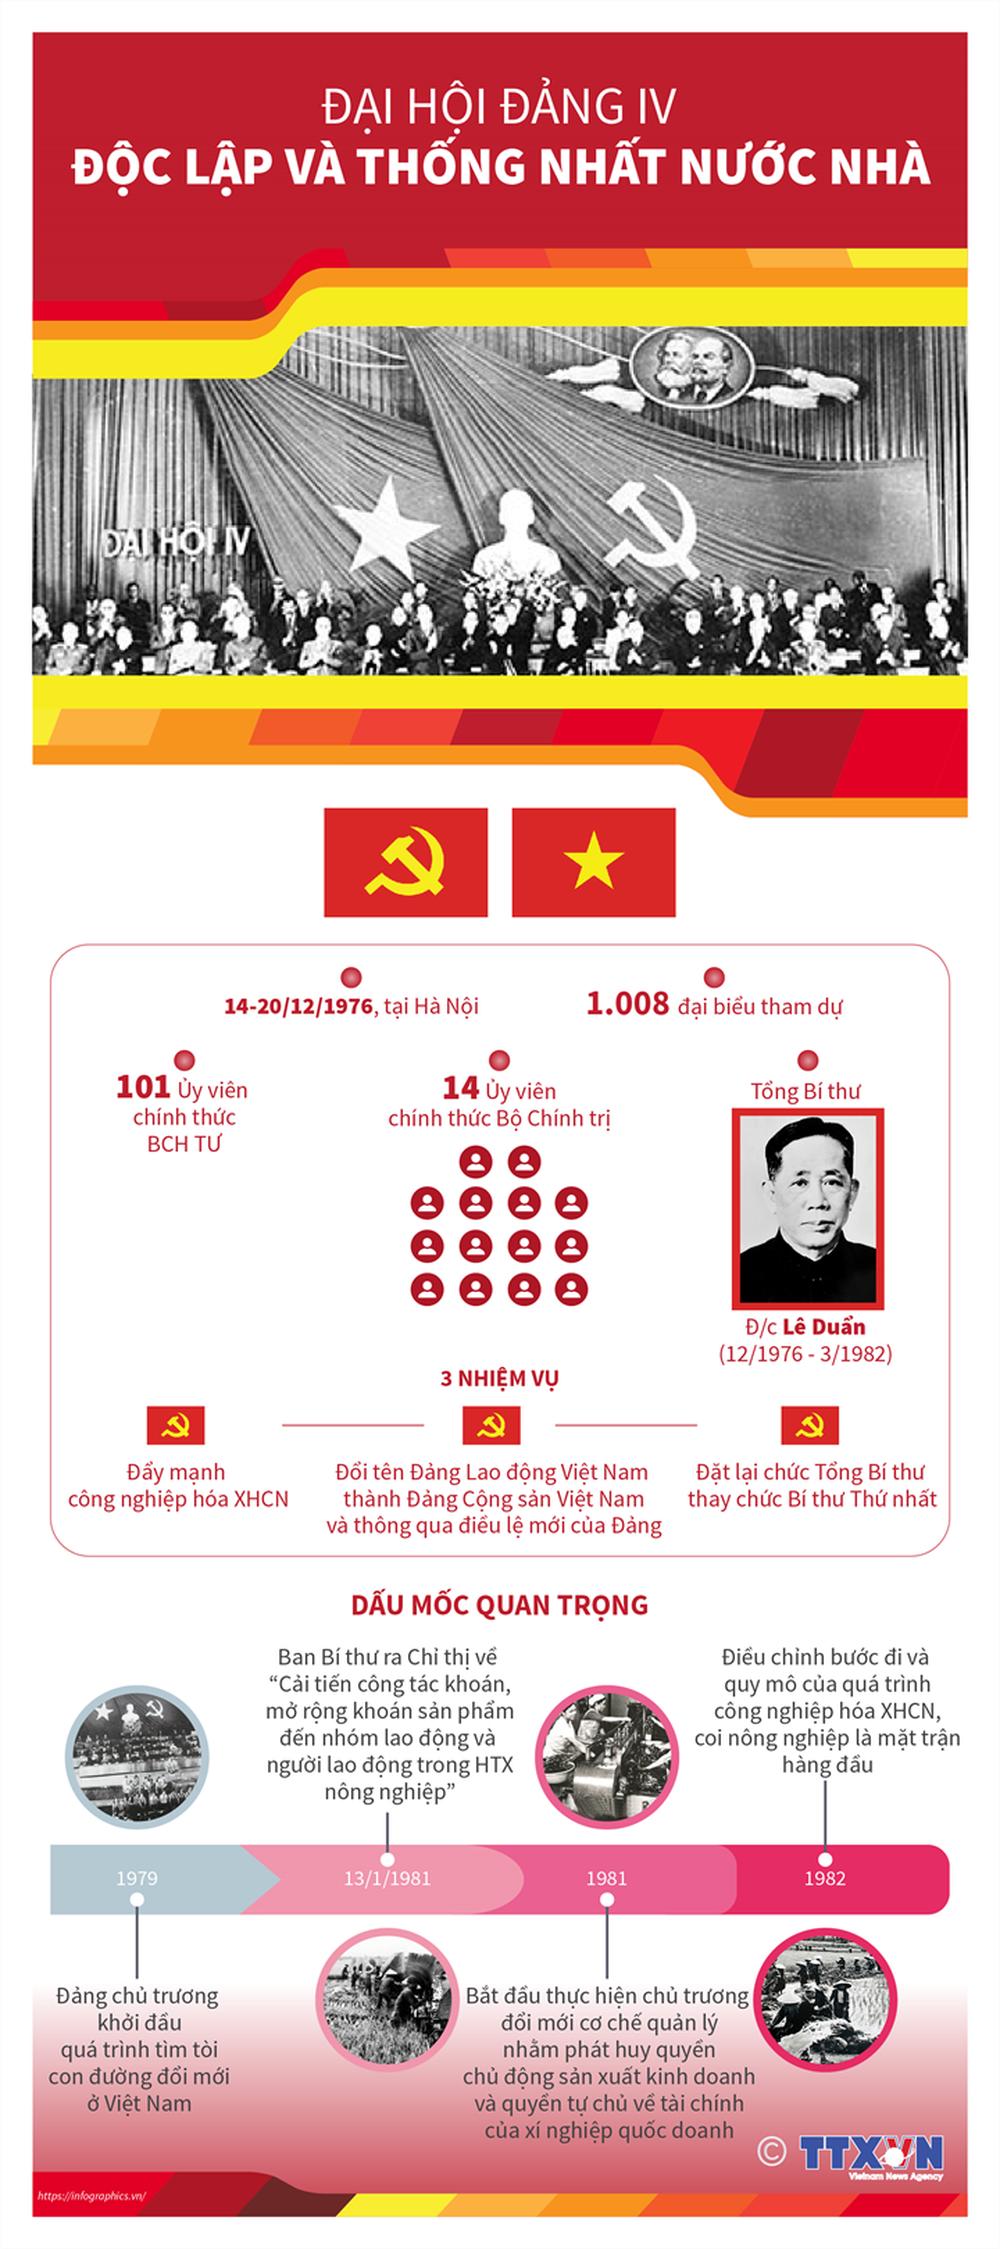 Nhìn lại 12 kỳ Đại hội của Đảng Cộng sản Việt Nam - Ảnh 4.